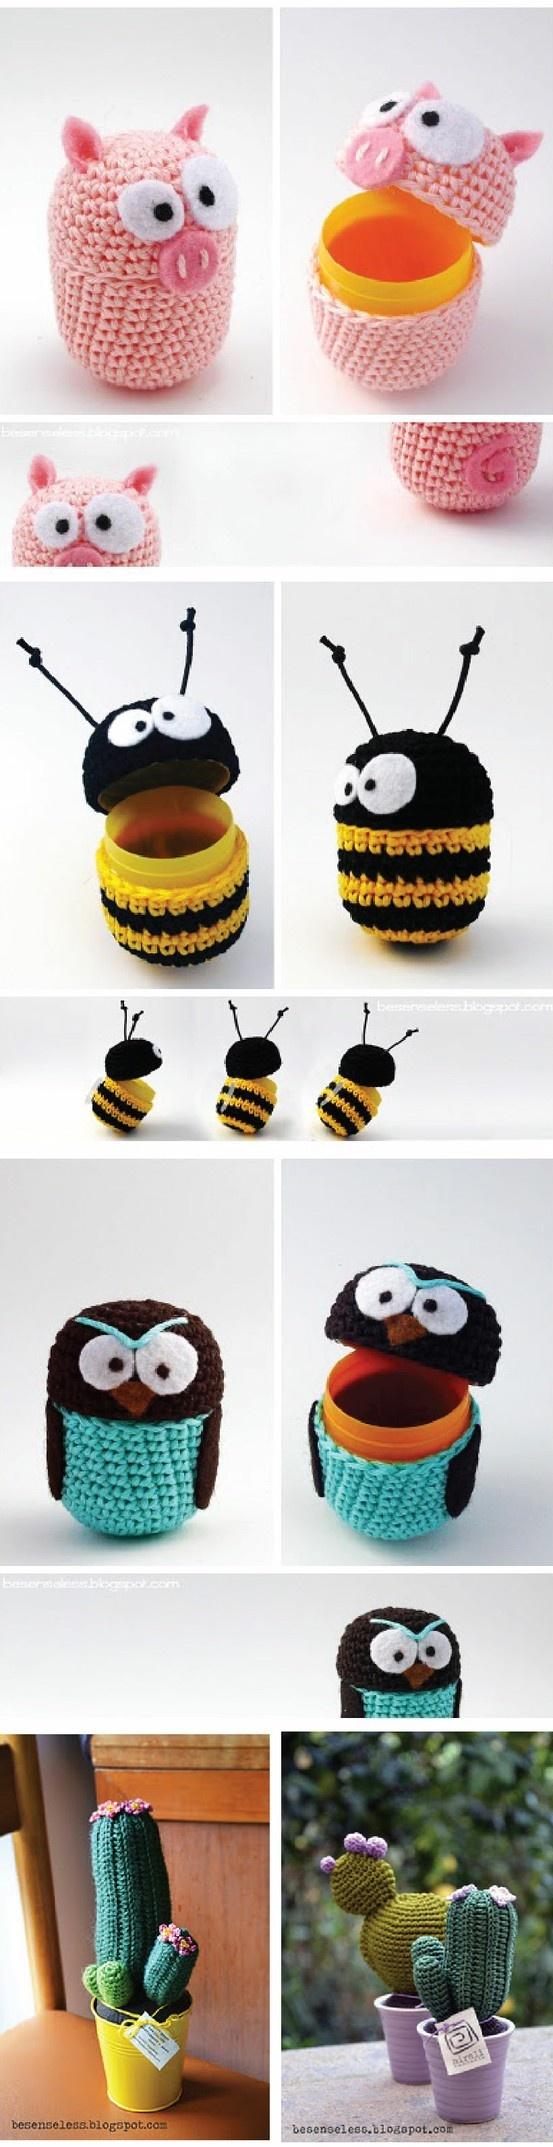 over a plastic egg / DIY & Crafts / Trendy Pics